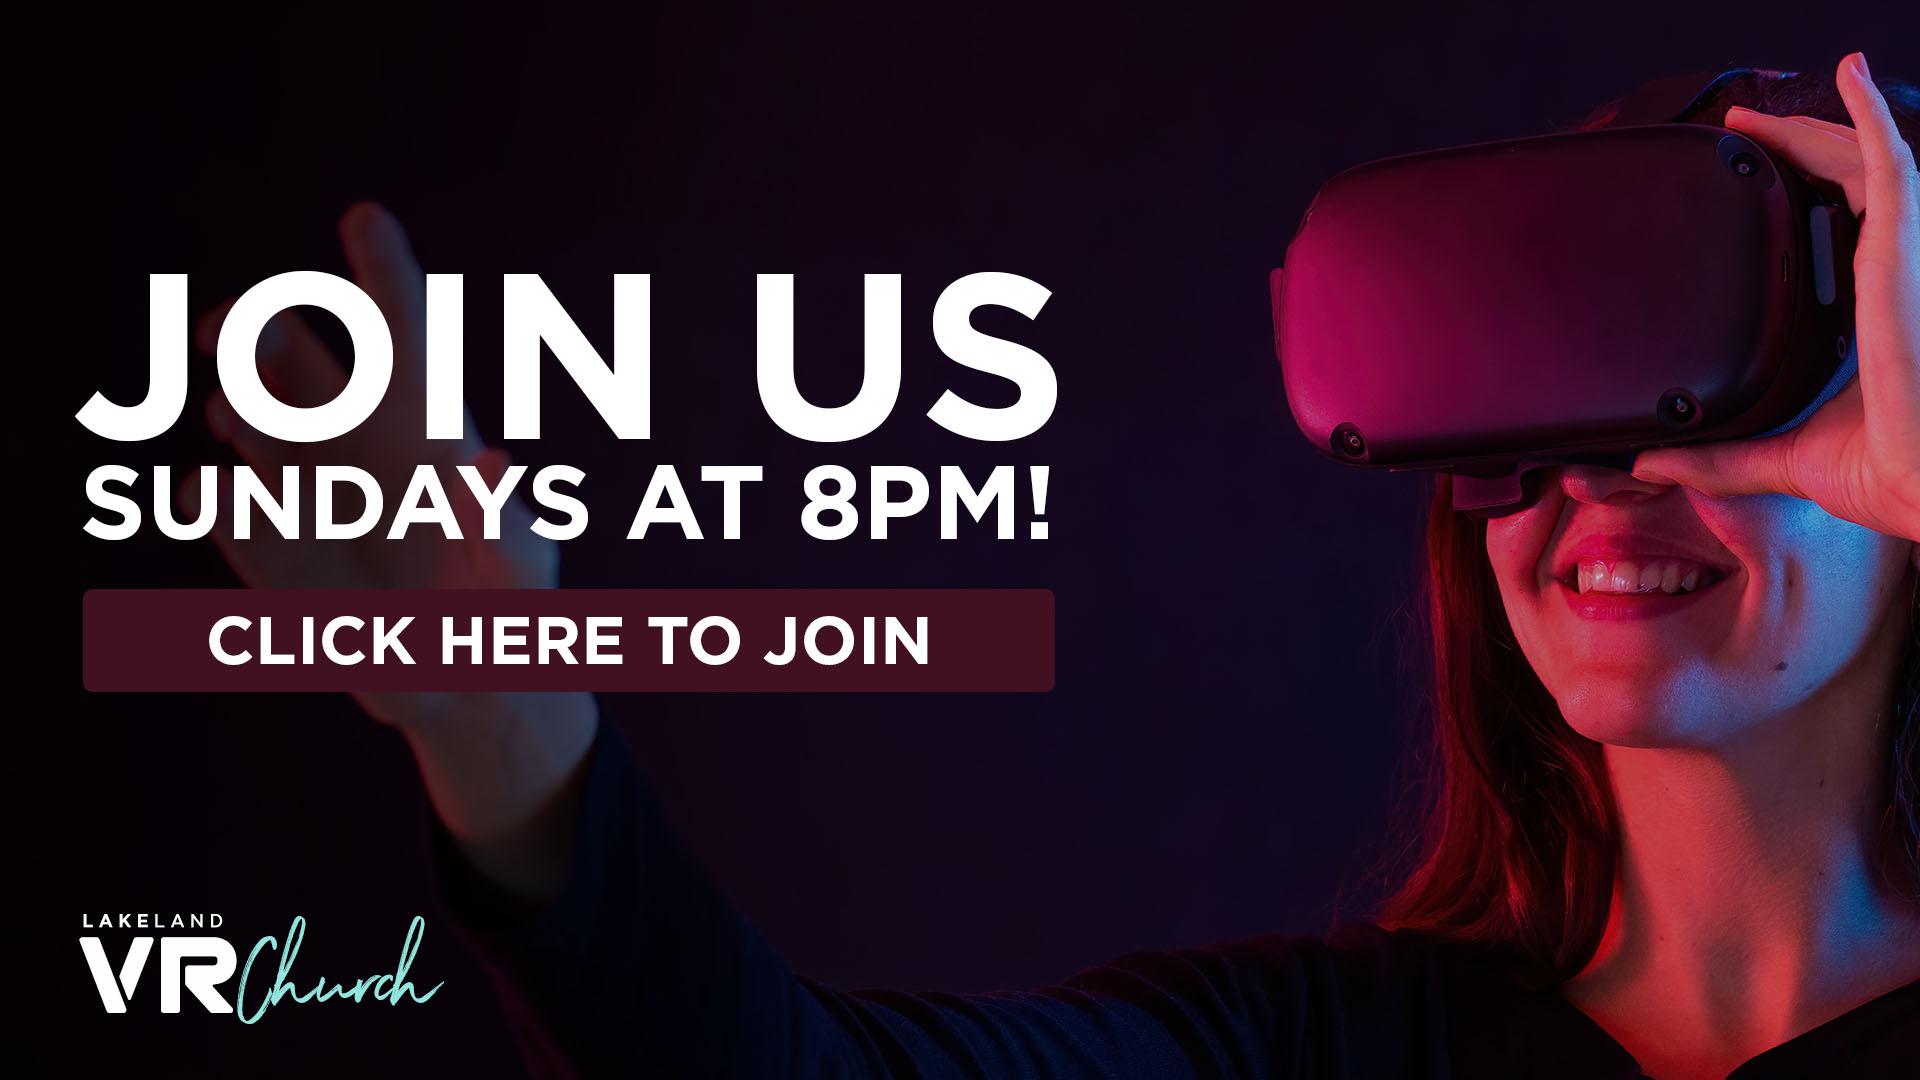 Lakeland VR Church - Sundays at 8PM